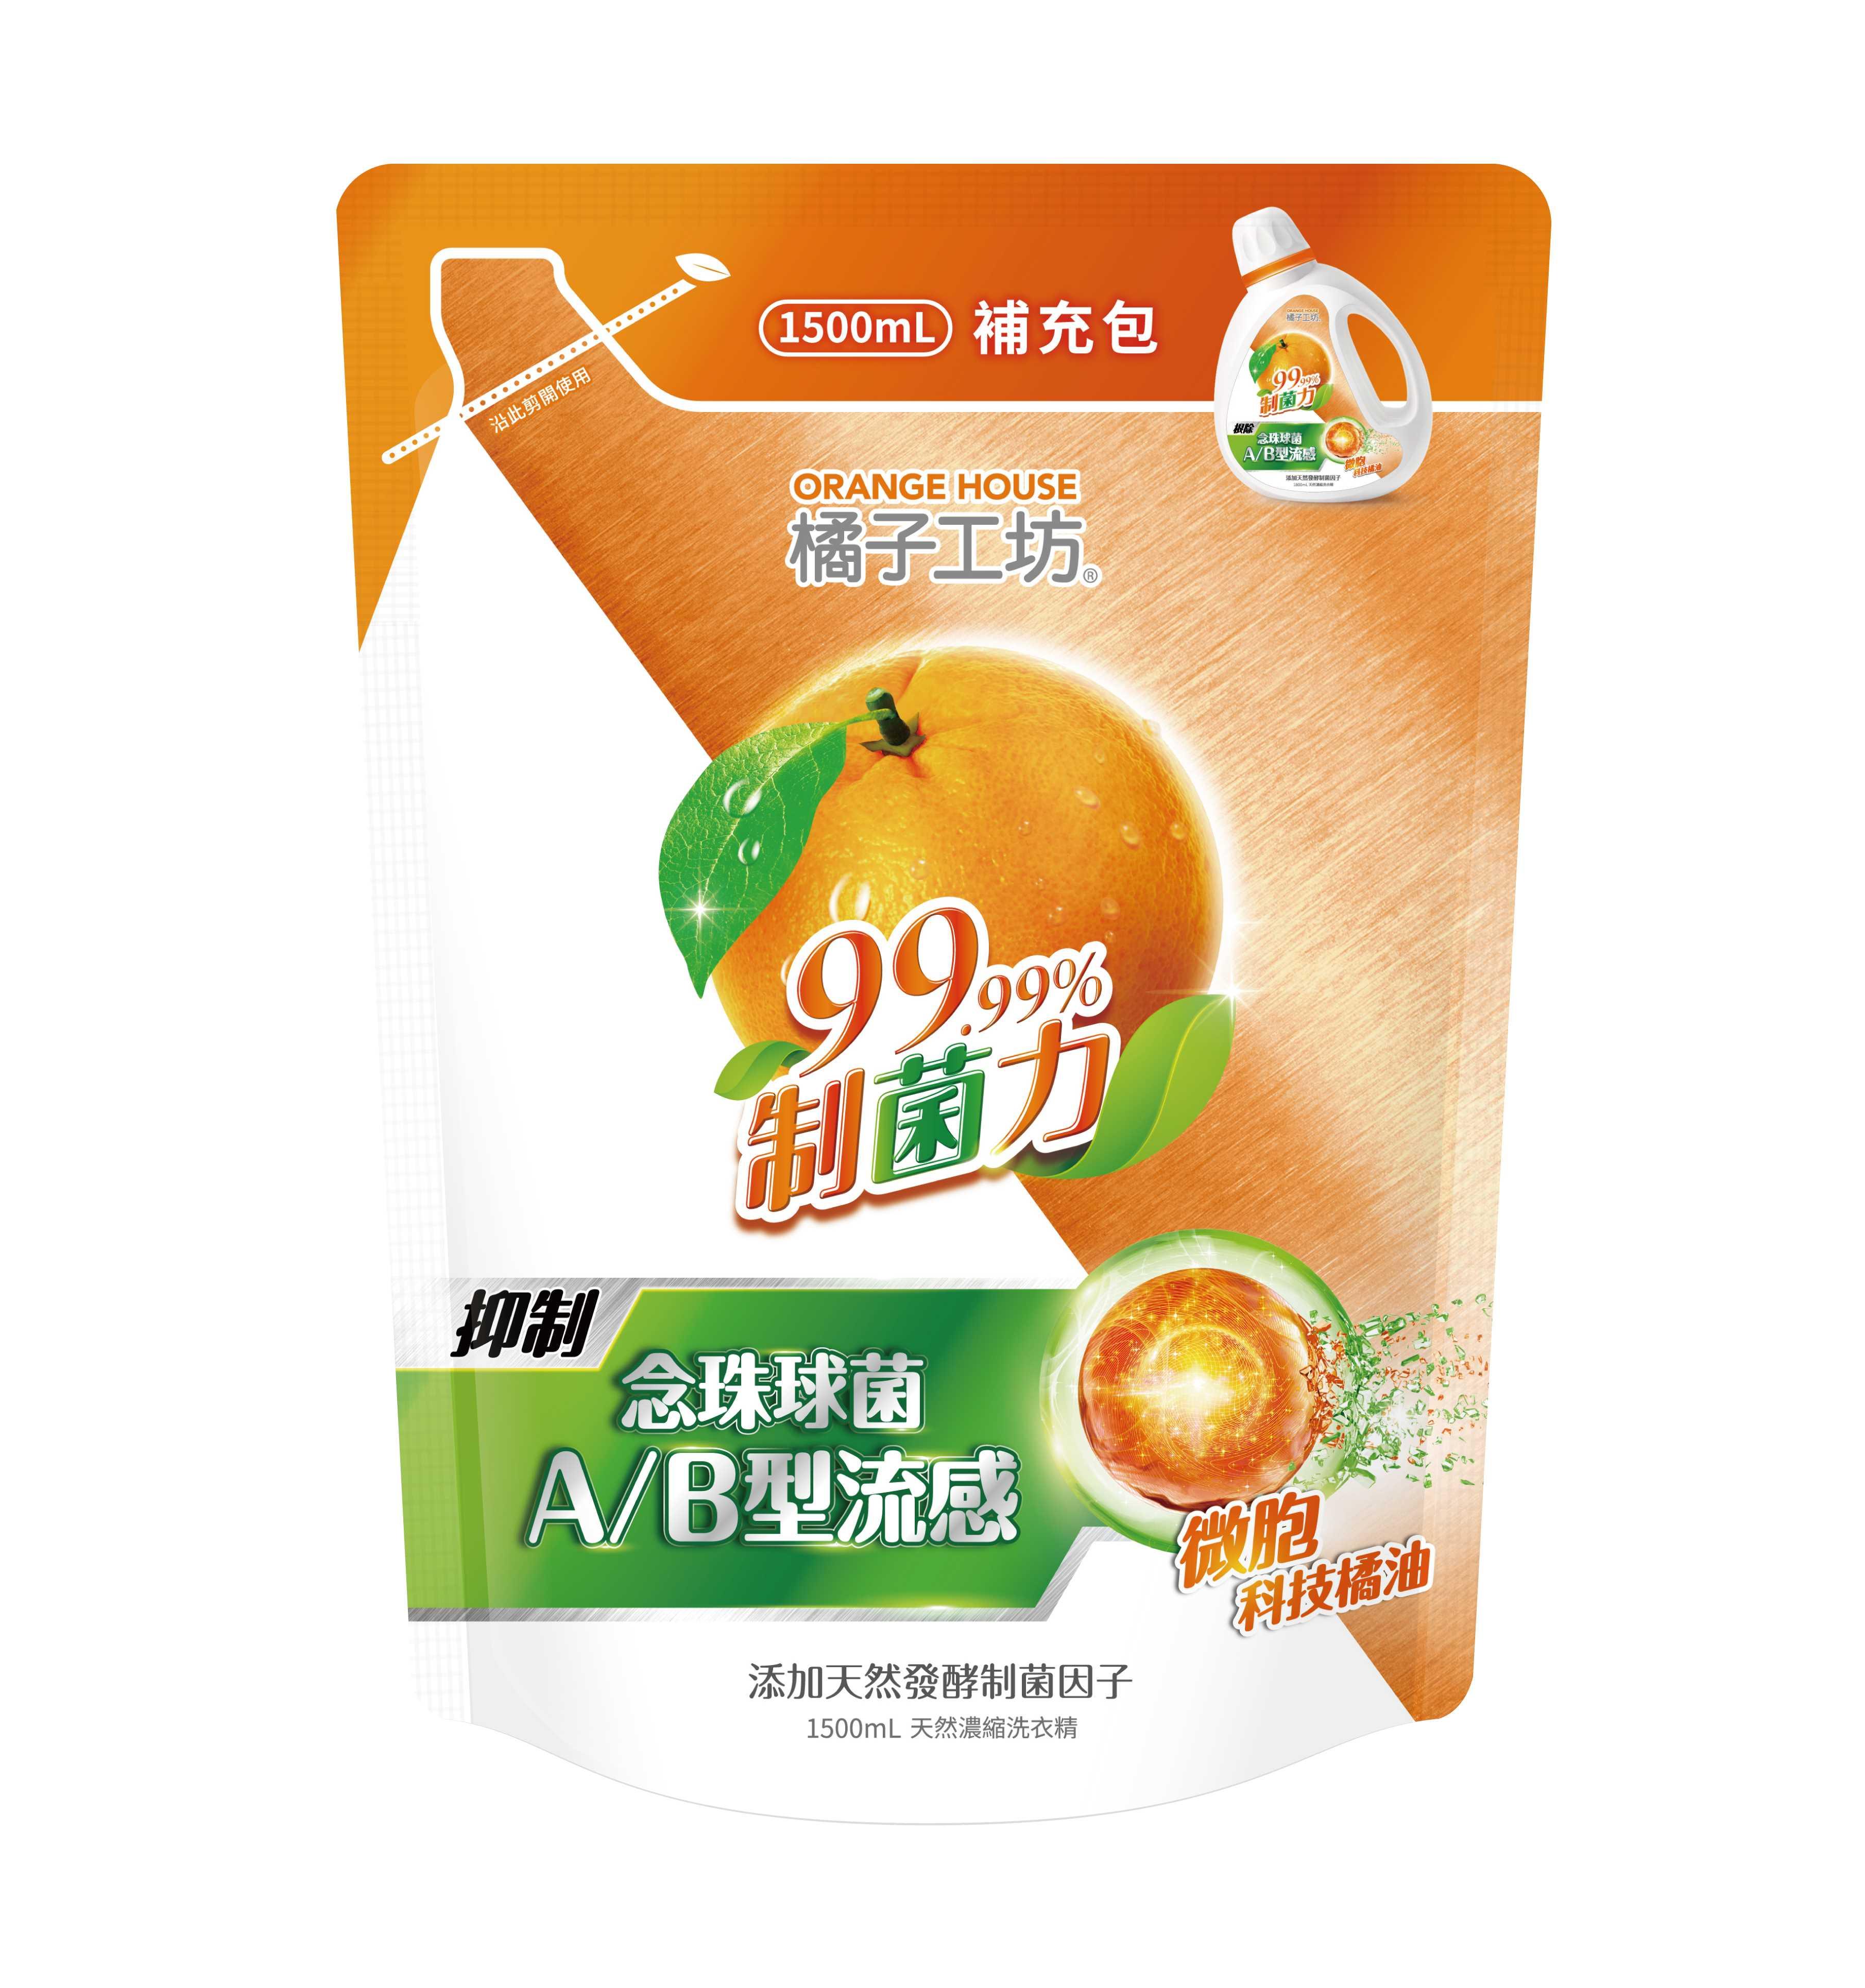 橘子工坊天然濃縮洗衣精-制菌力l補充包 1500ml